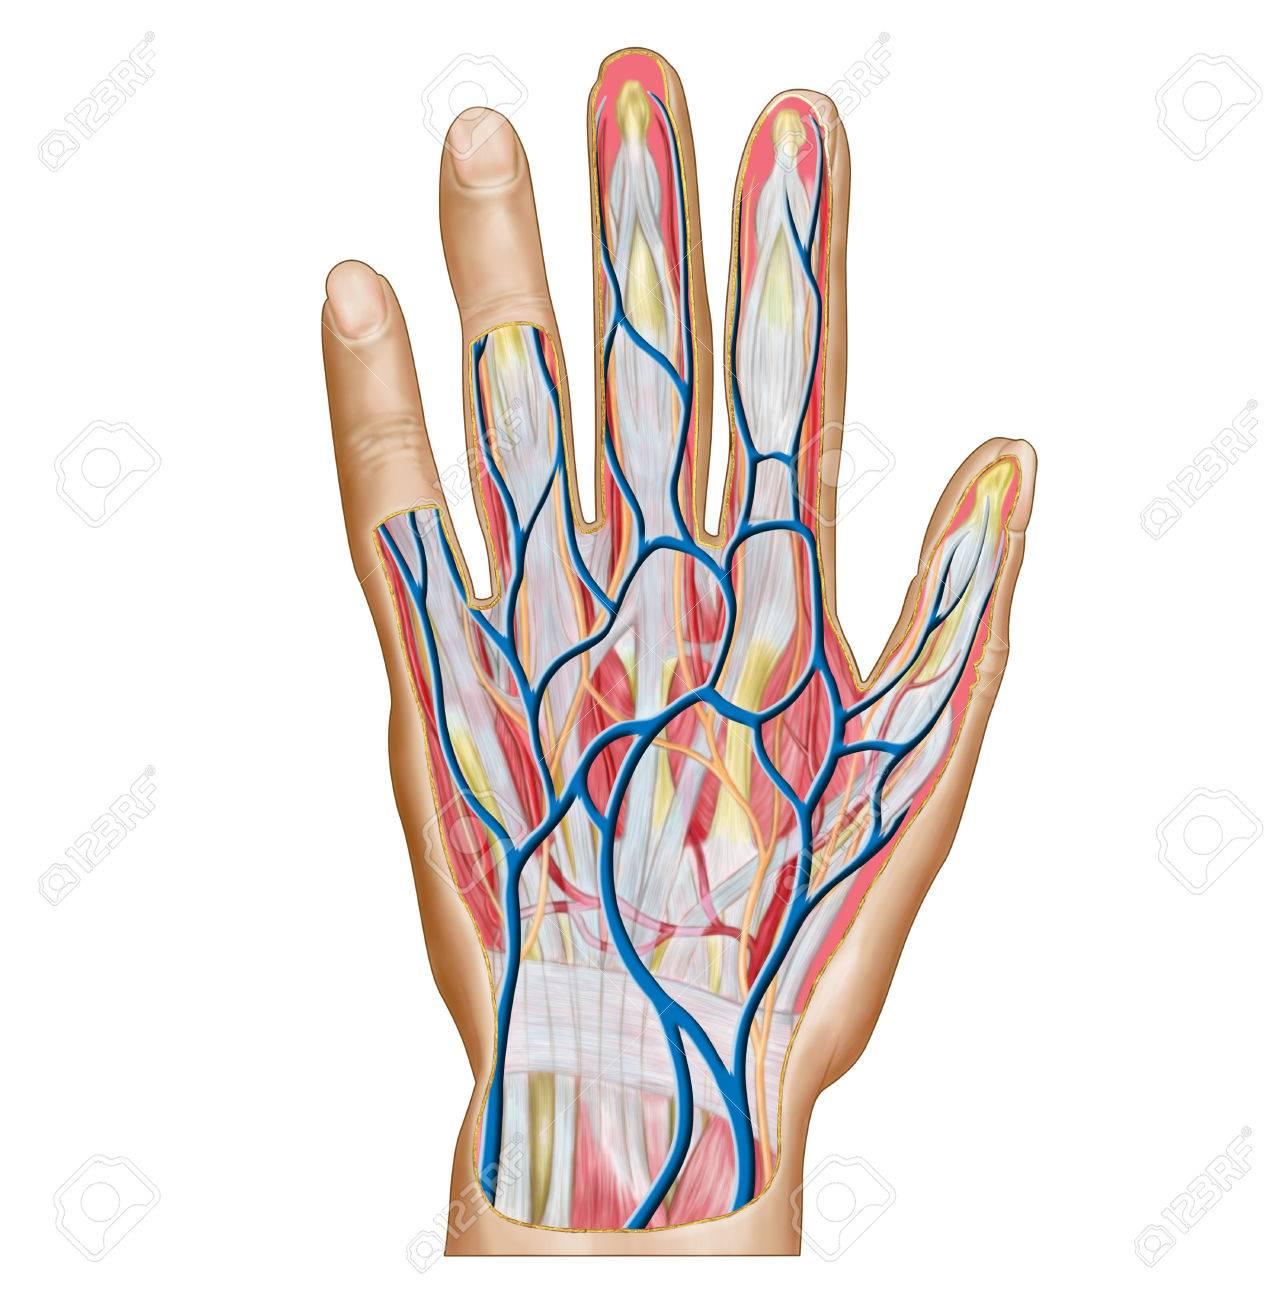 Anatomie Des Rückens Der Menschlichen Hand. Lizenzfreie Fotos ...